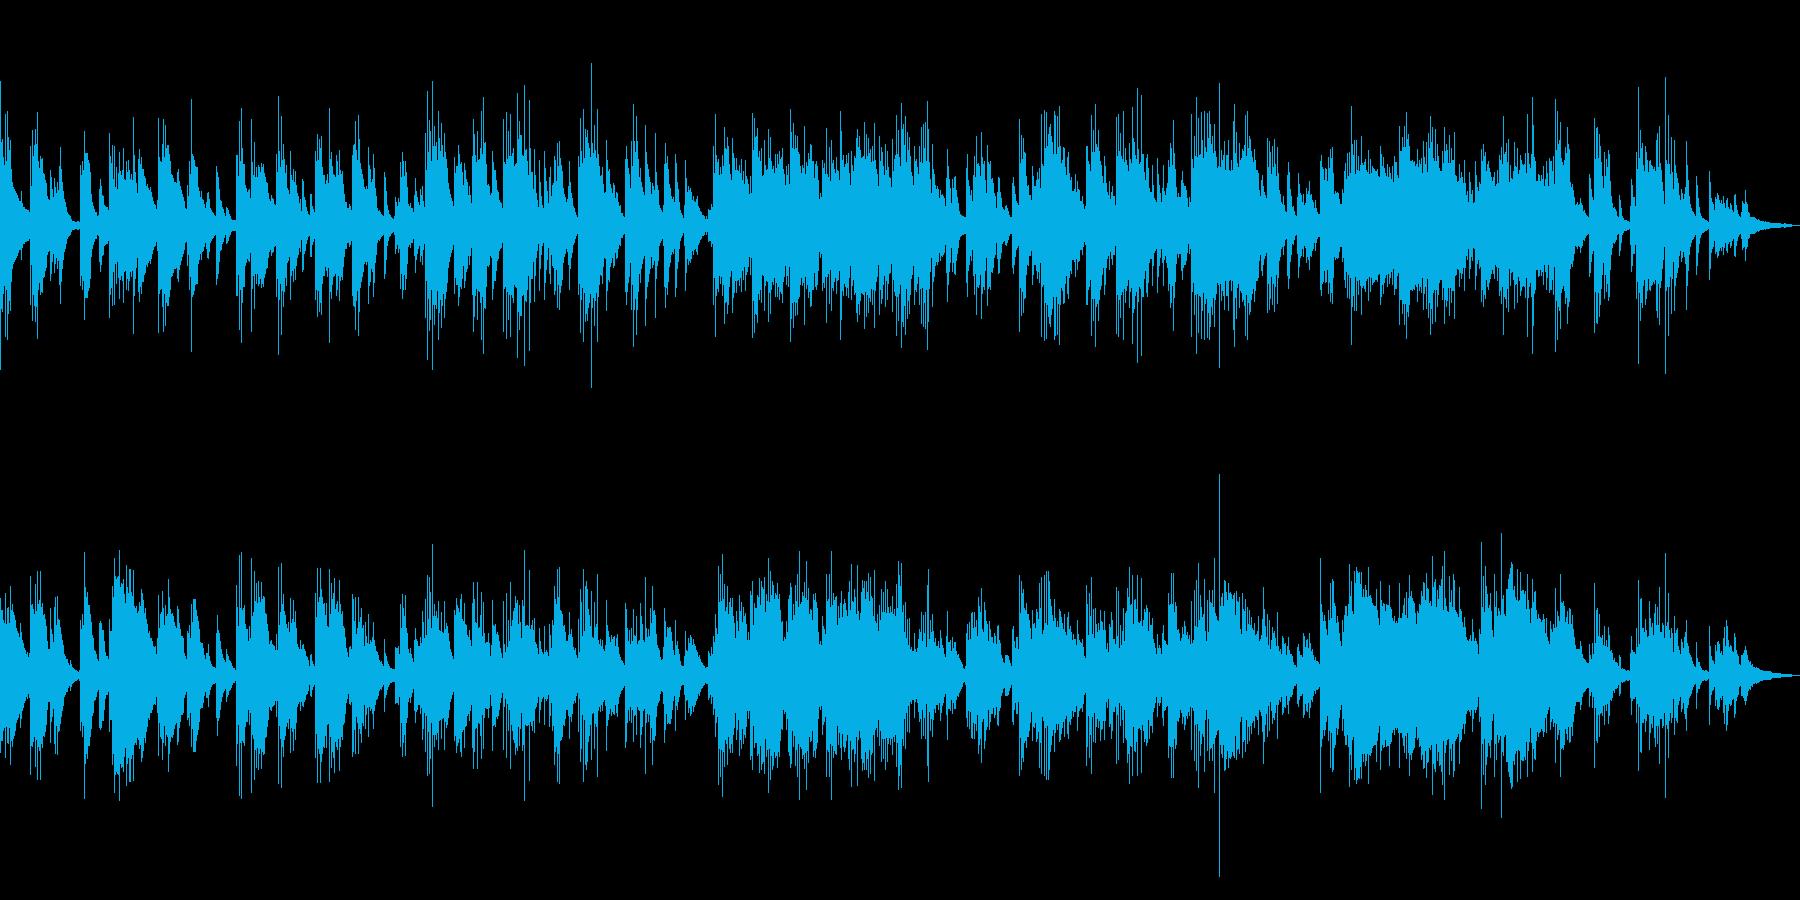 ミディアムテンポのピアノソロ曲の再生済みの波形